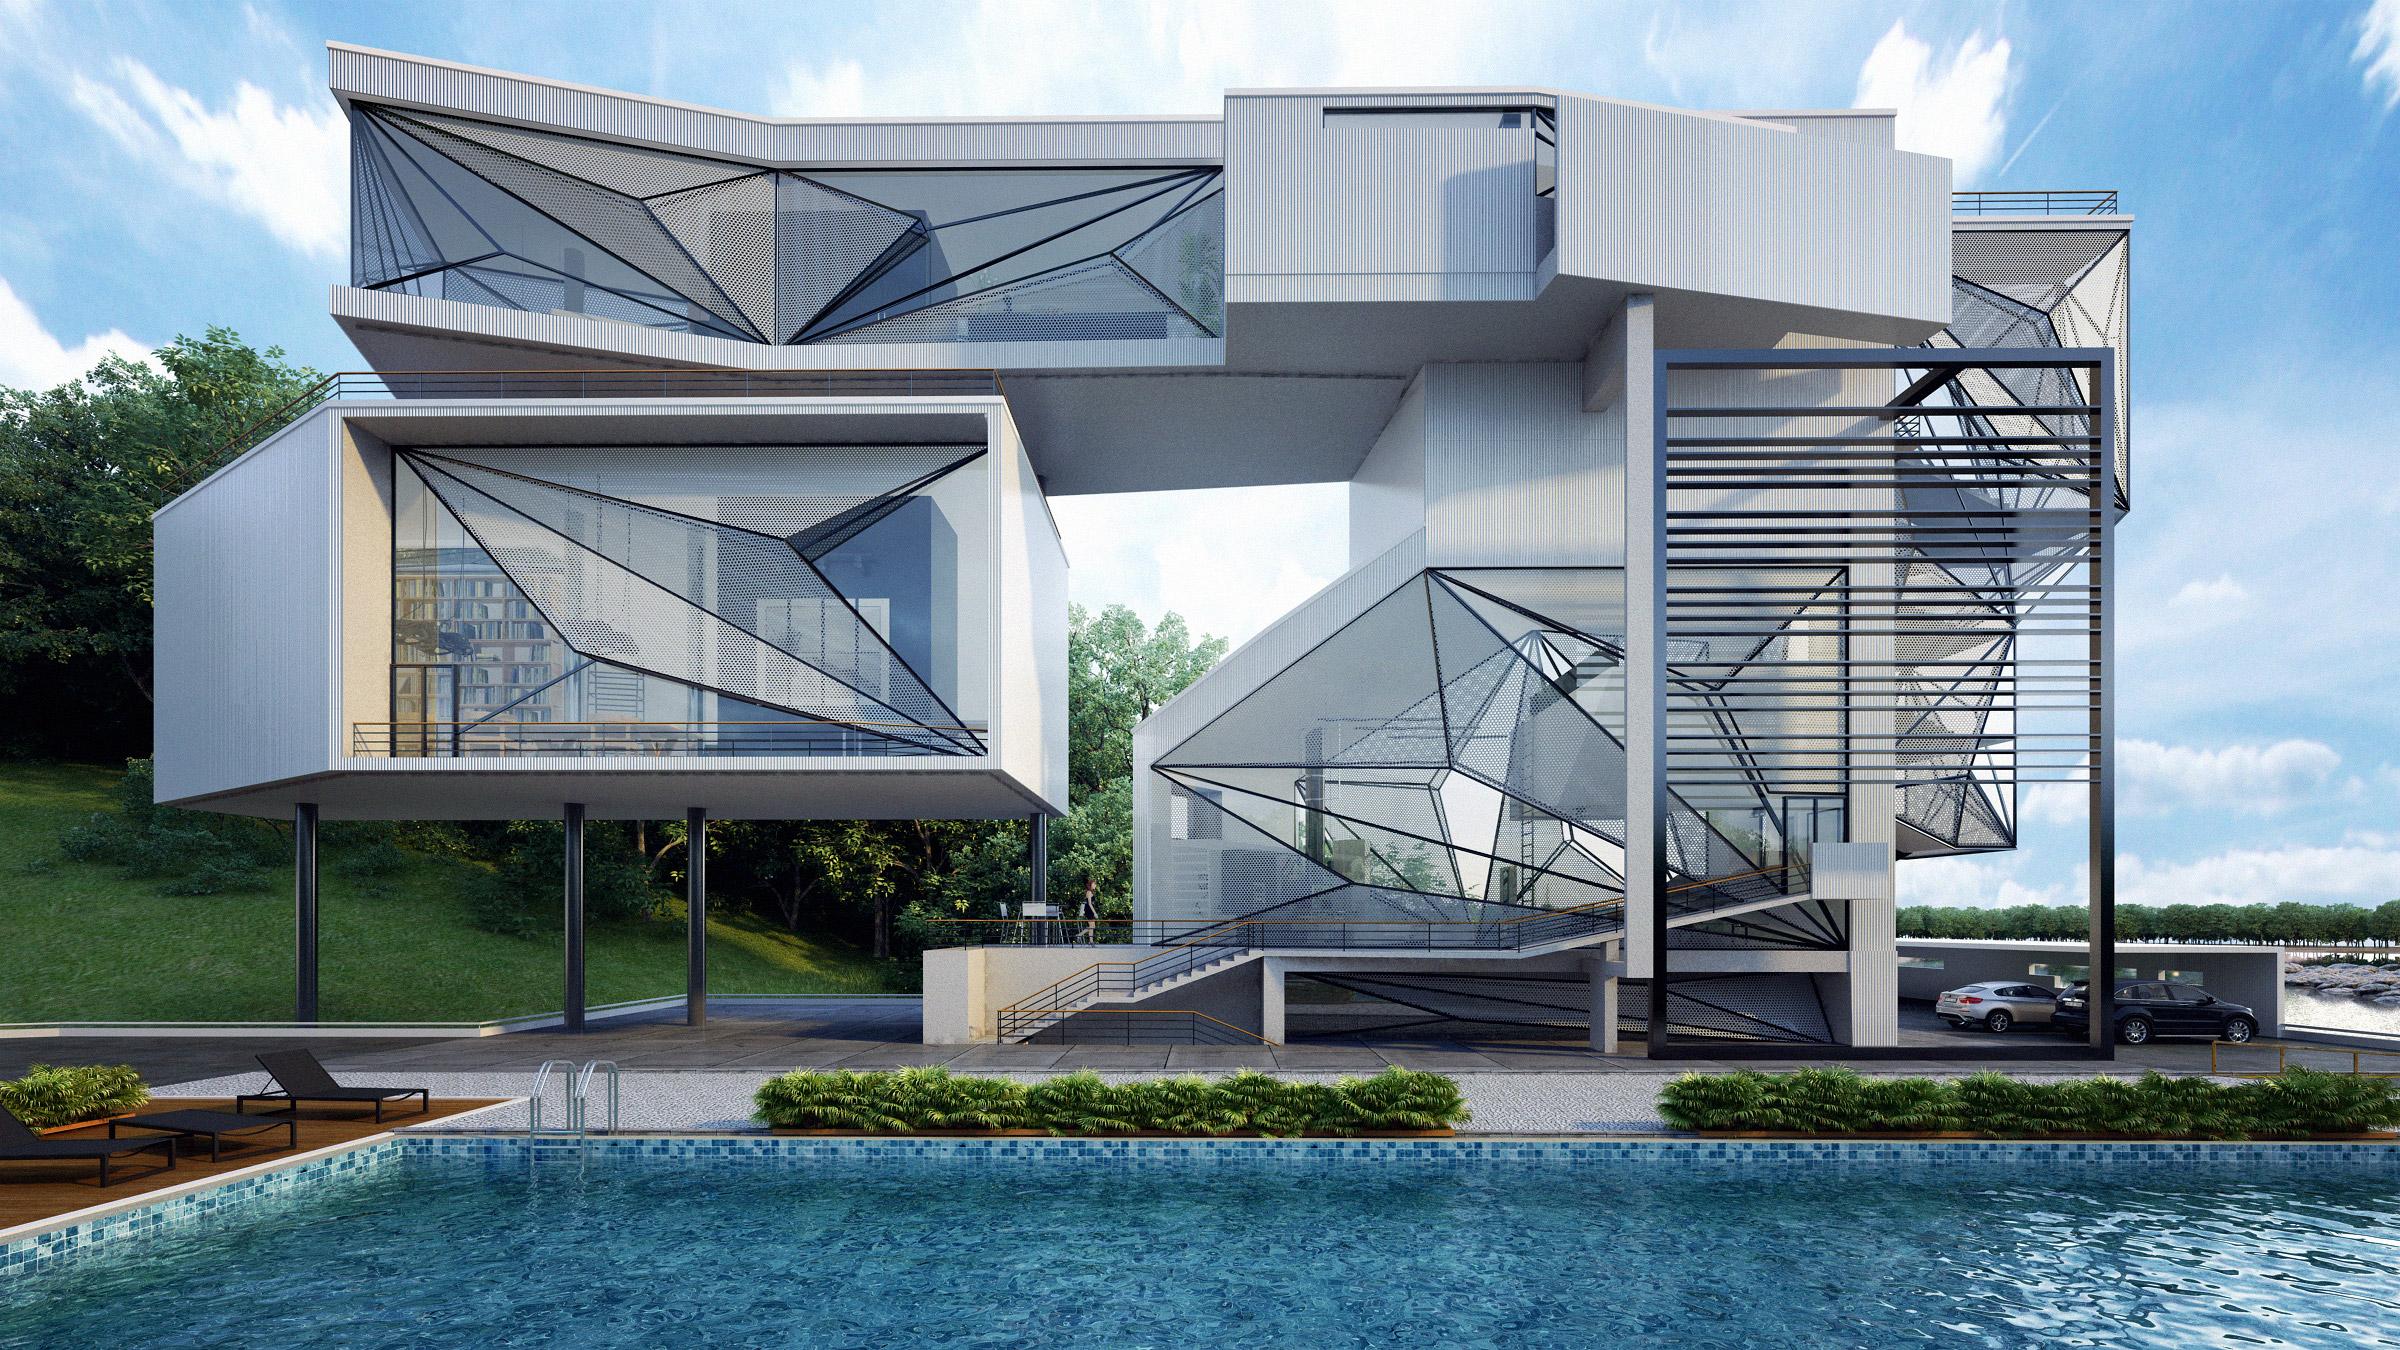 Aviator 39 s villa a unique house for a retired pilot for Architecture troglodyte